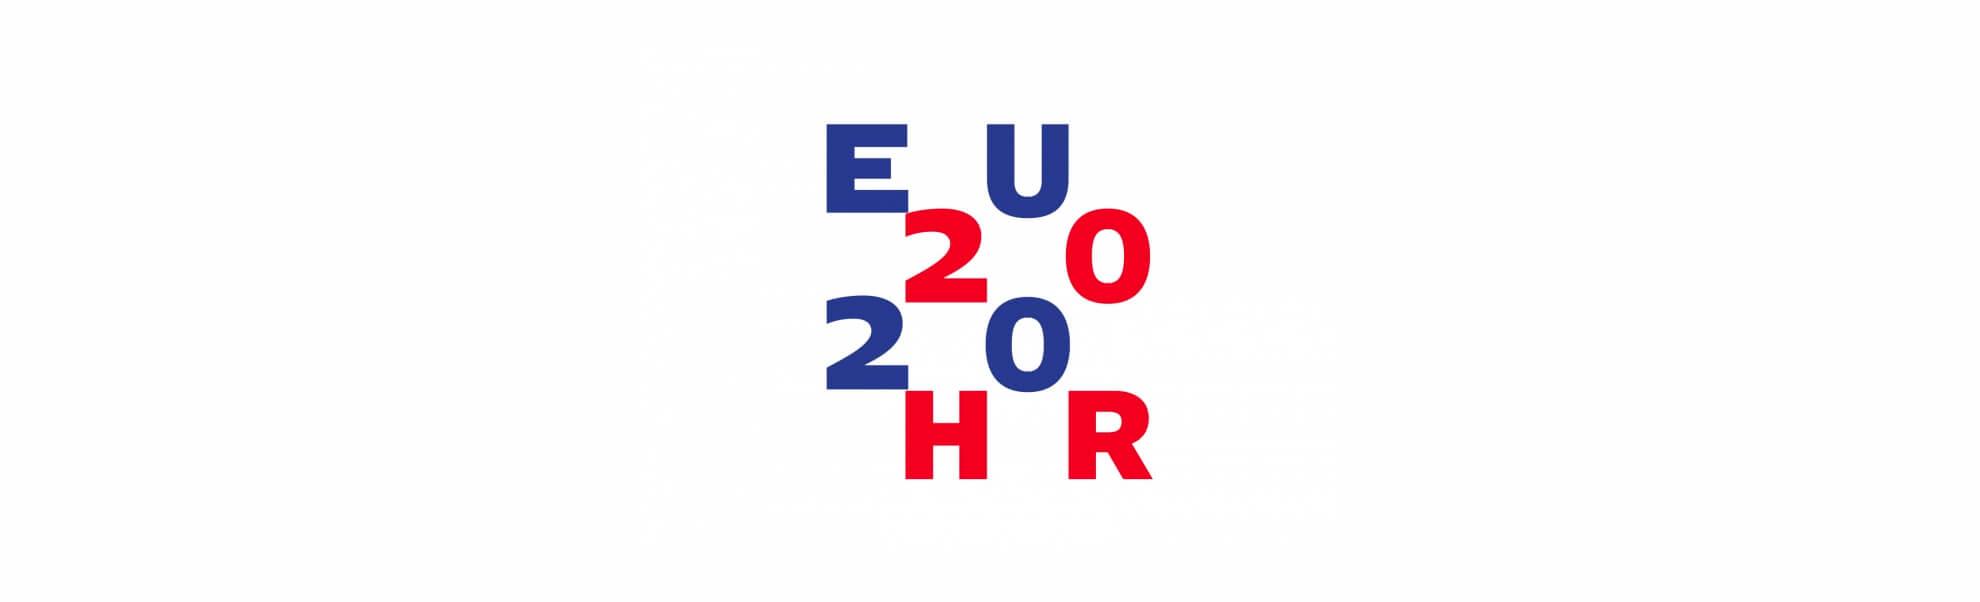 Prezydencja chorwacka wRadzie UE: